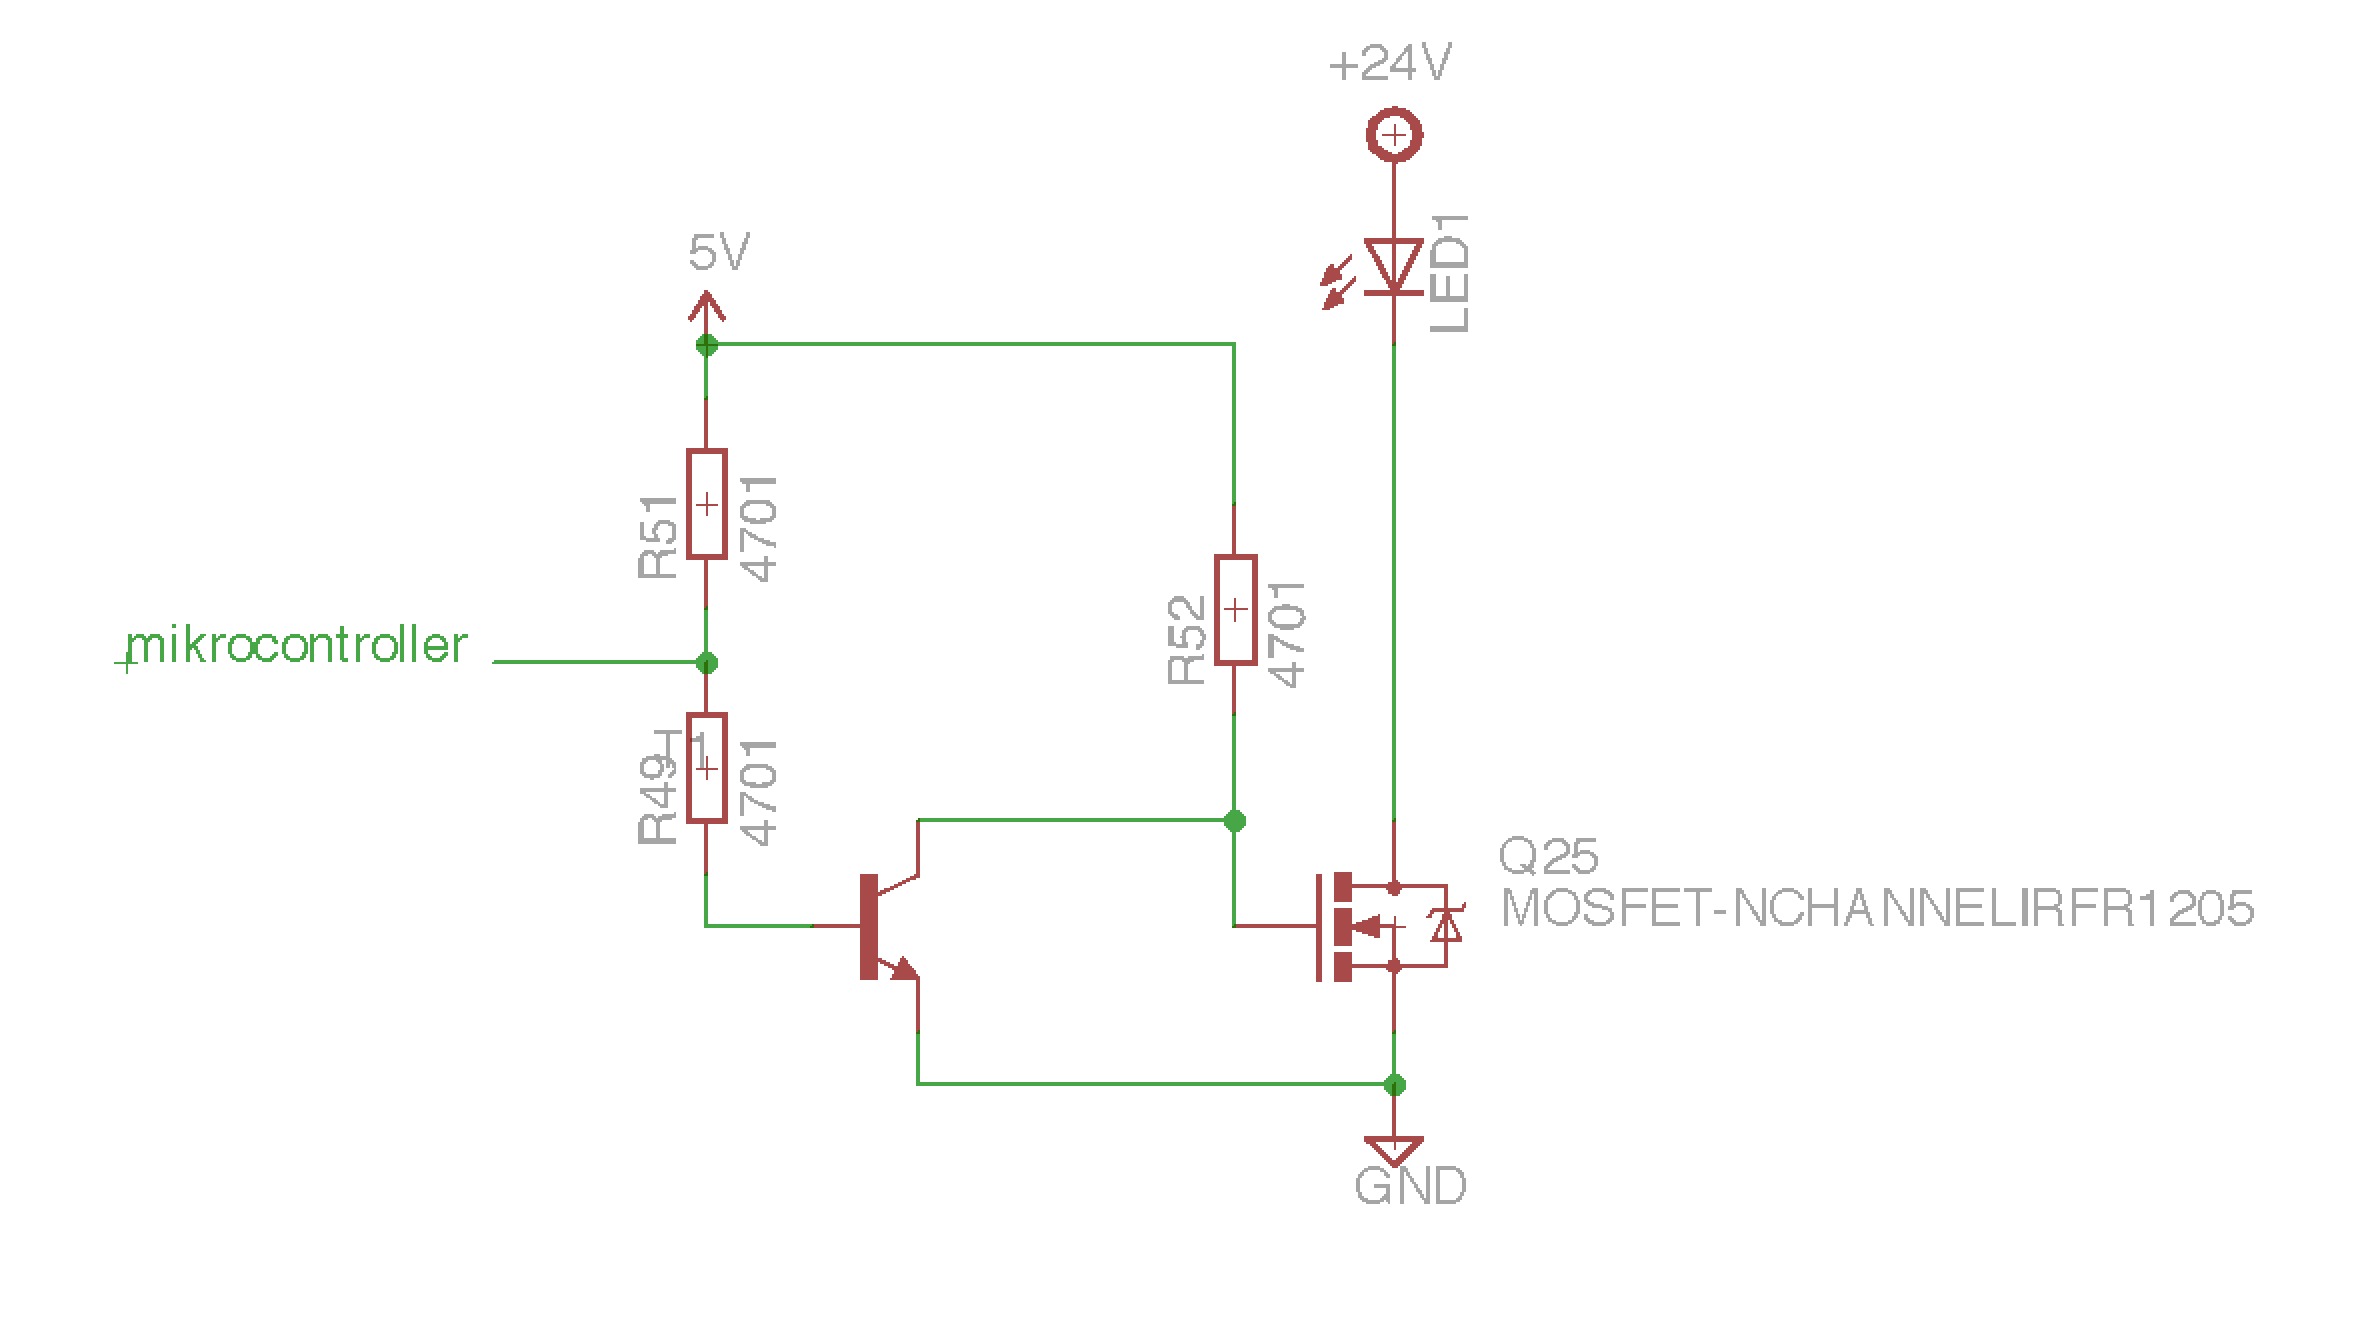 Led Treiber Schaltplan Gsg Elektronik Led Treiber Led